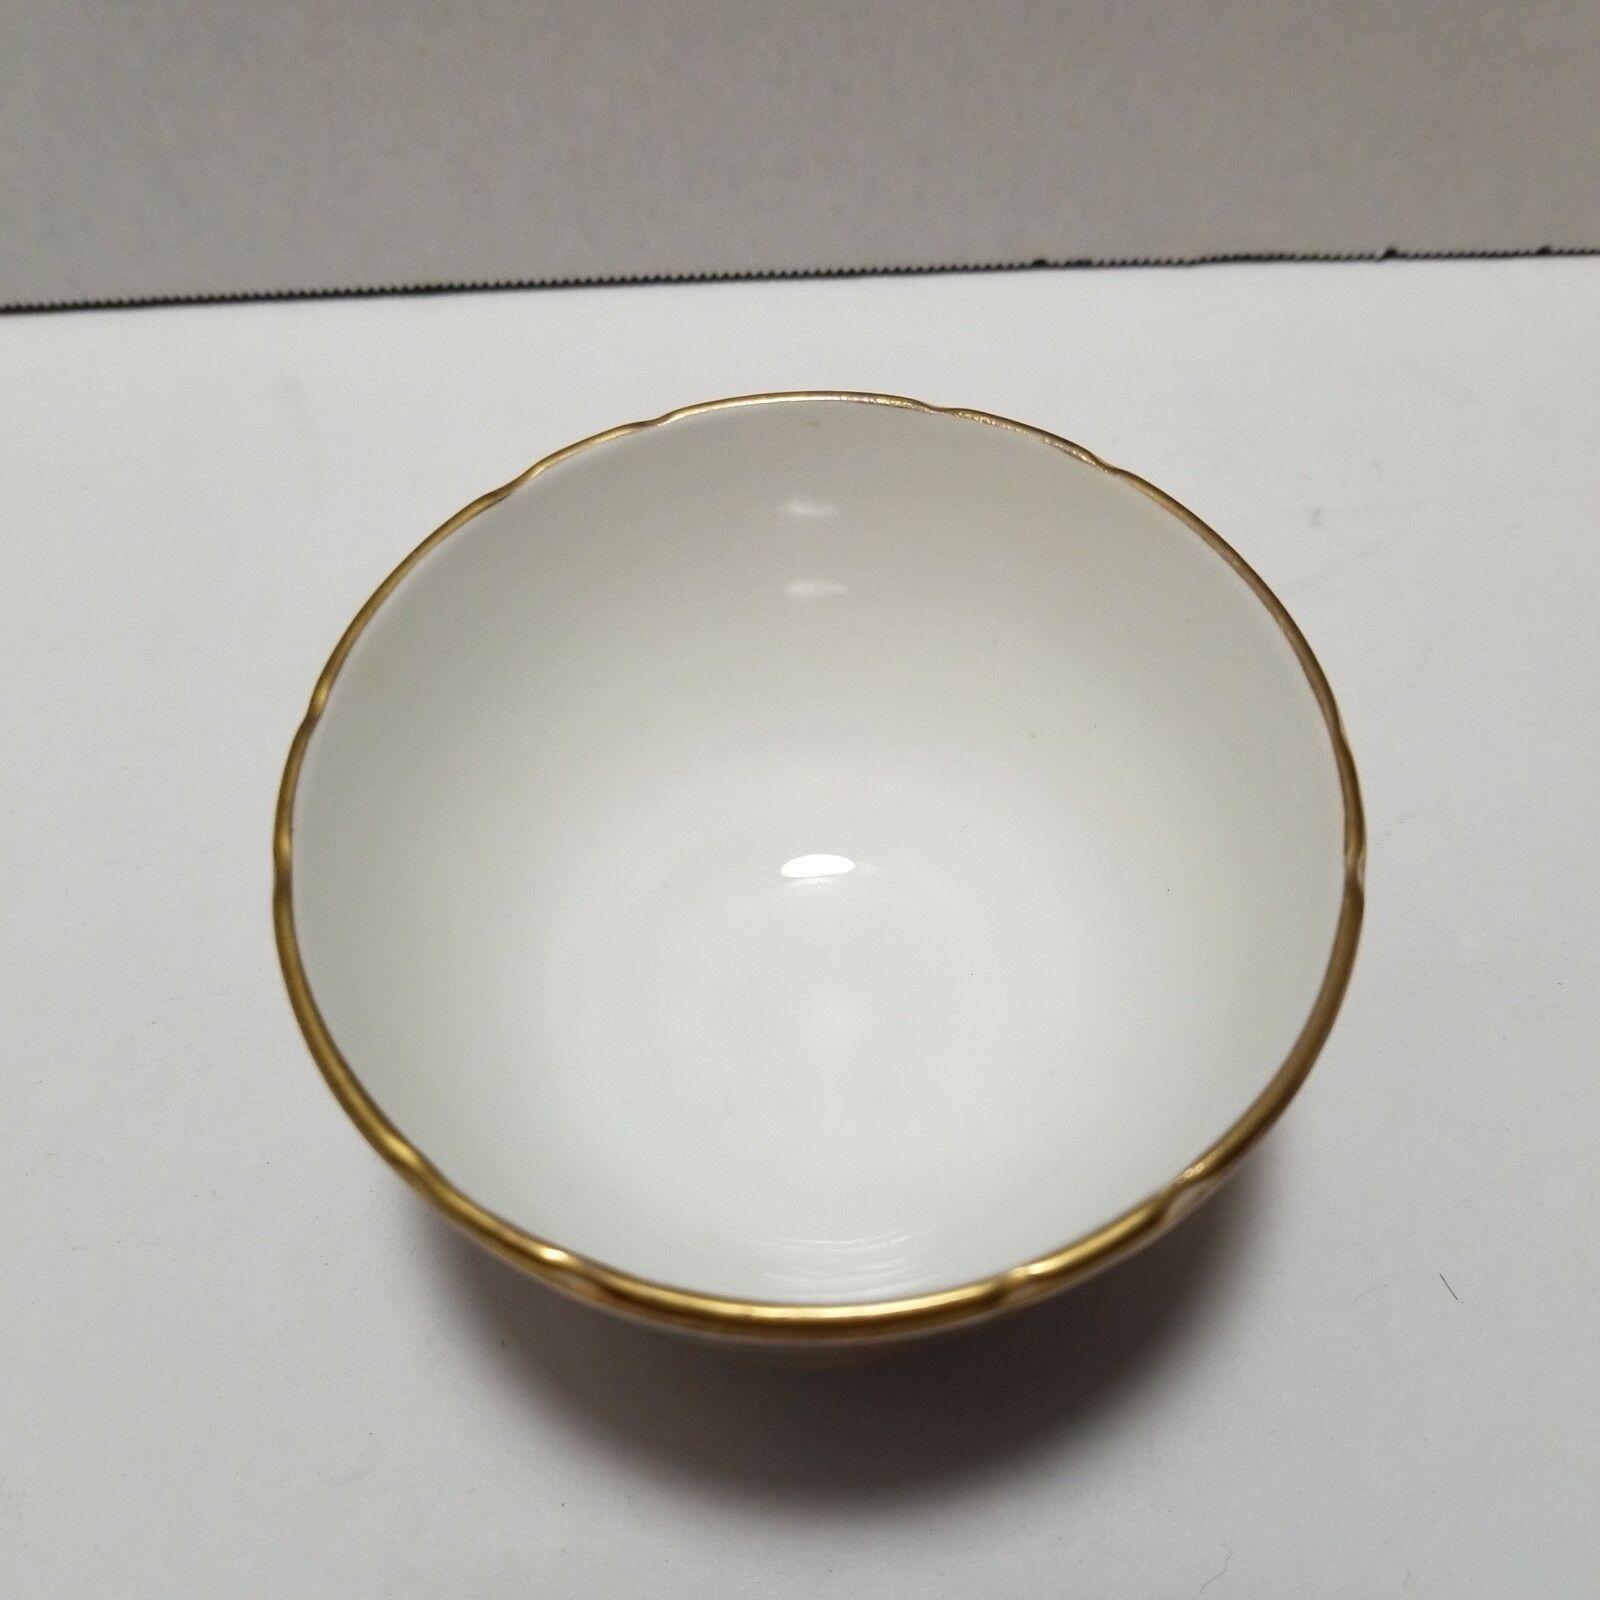 Aynsley Orchard Gold Mini Sugar Bowl and Creamer Set